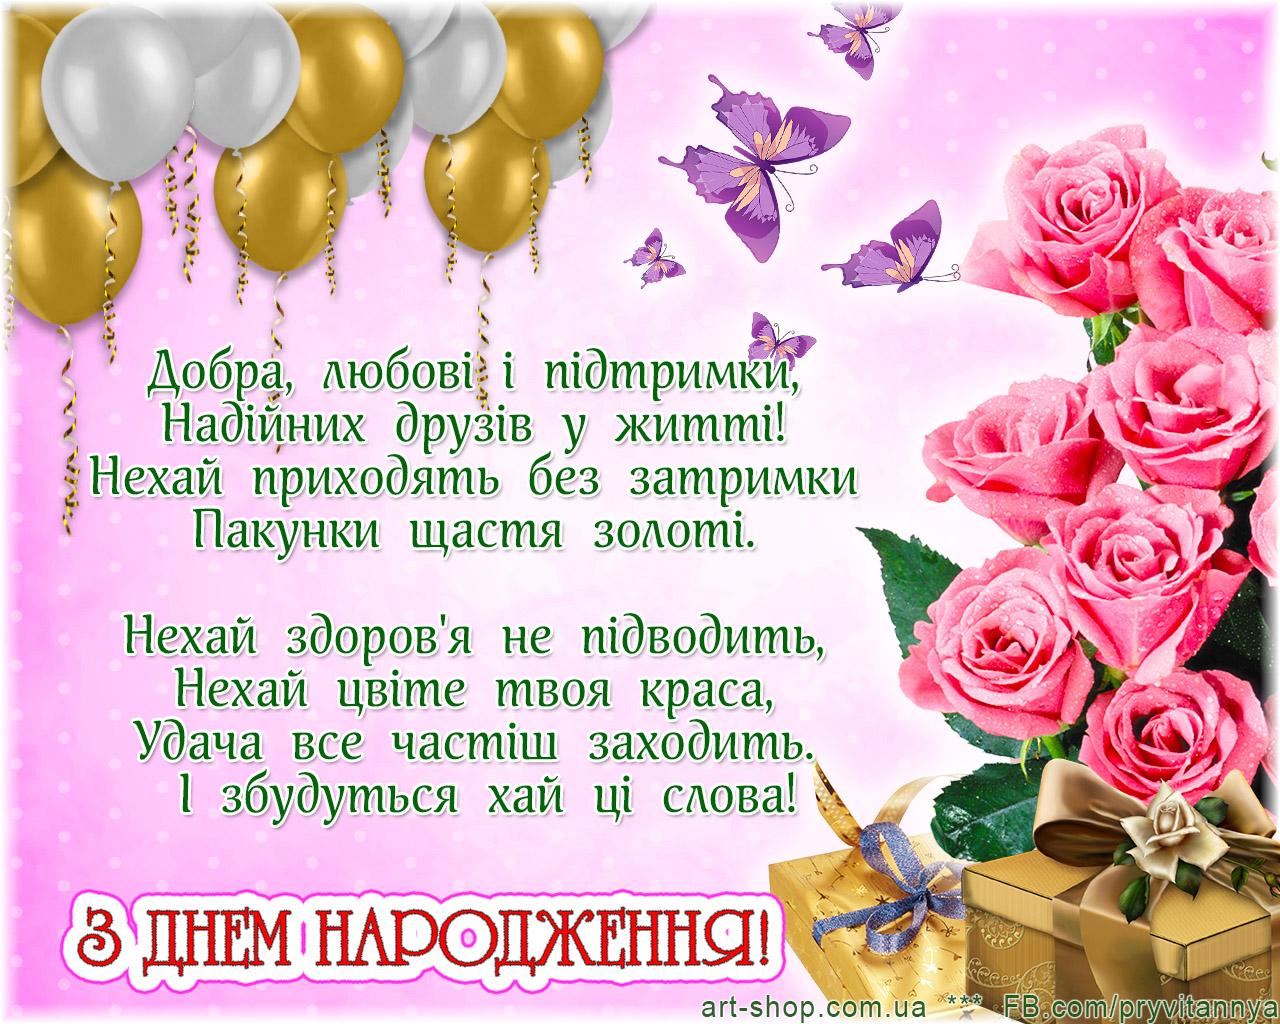 Звуковые днем, открытки поздравительные на украинском языке